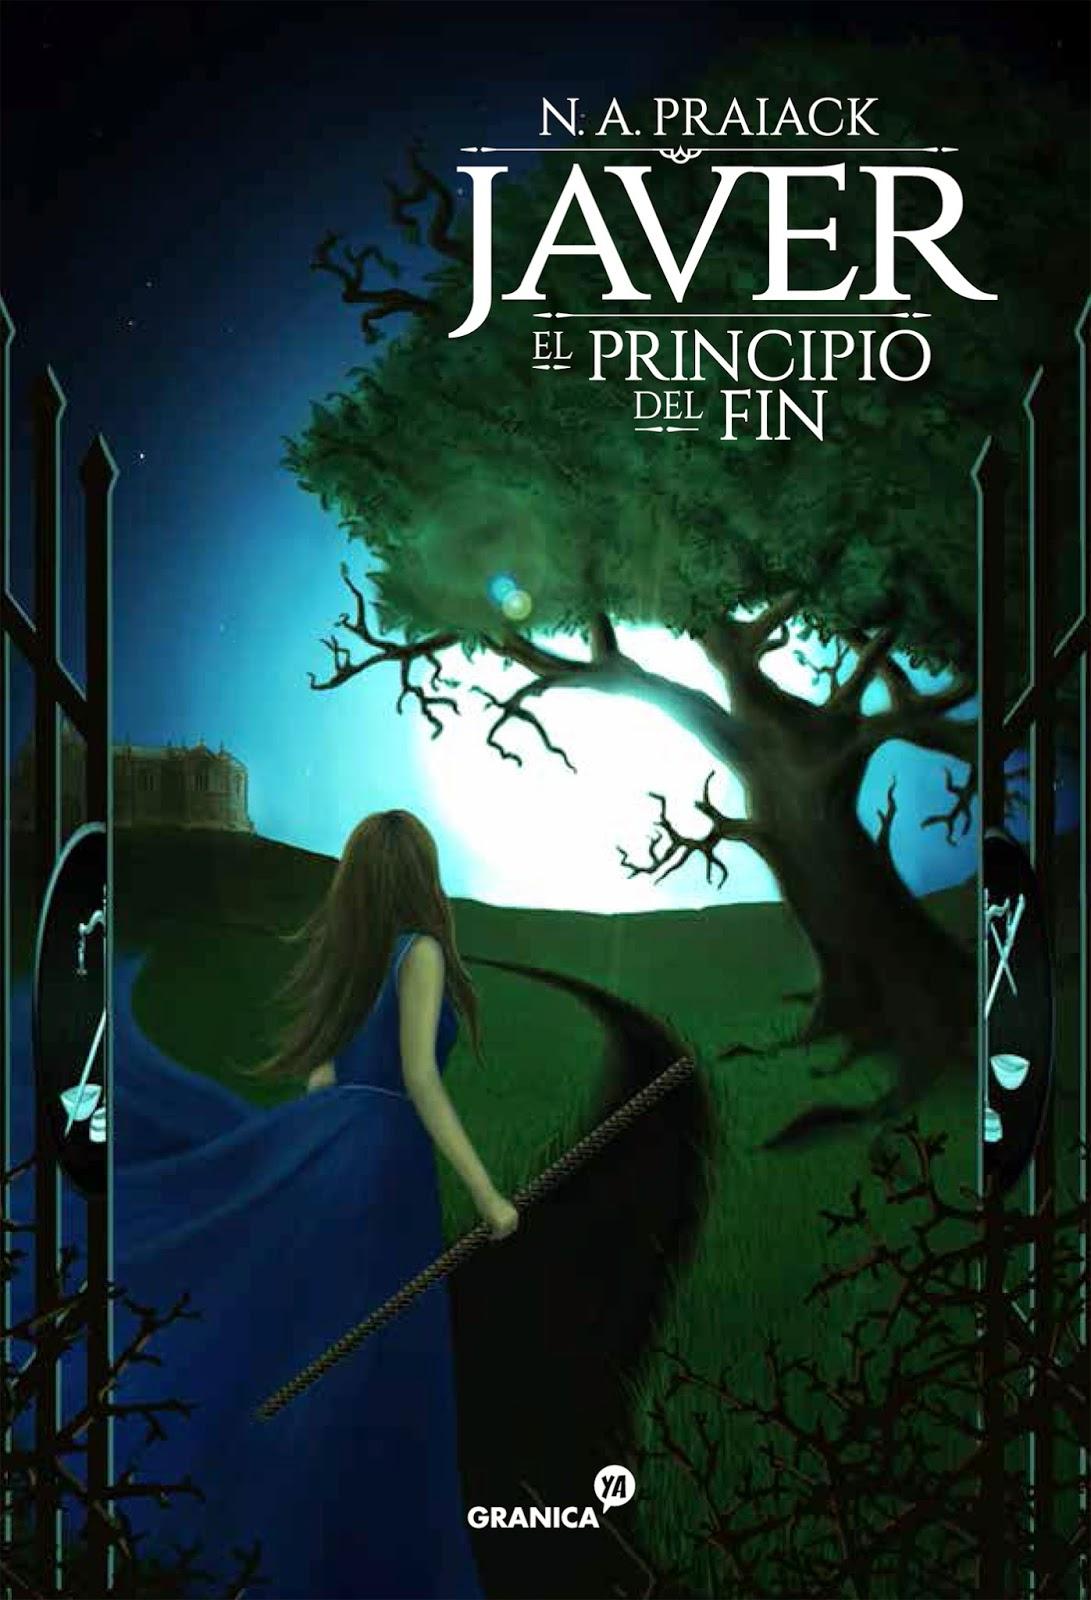 http://bookdreameer.blogspot.com.ar/2014/07/resena-javer-el-principio-del-fin.html